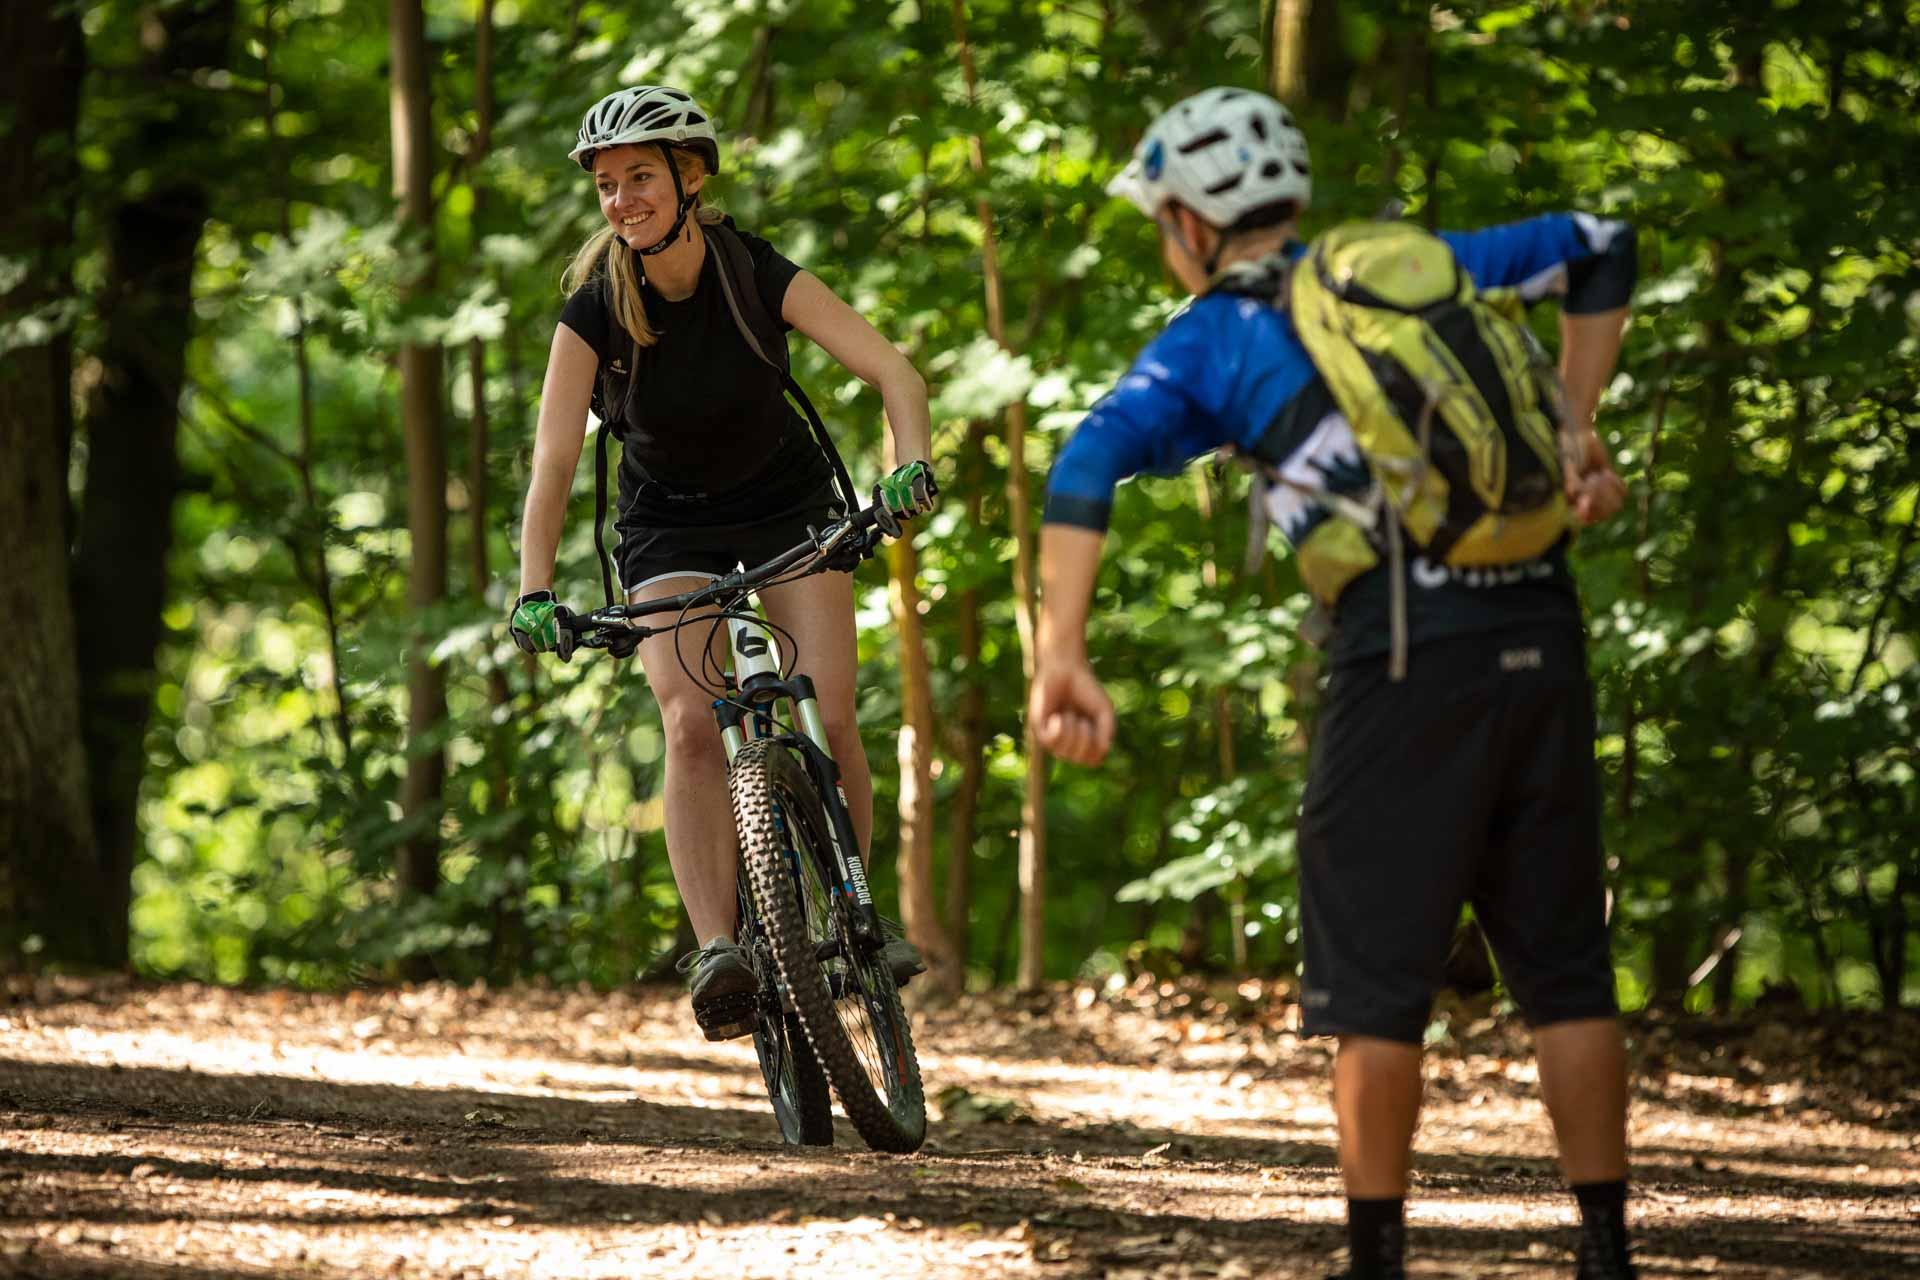 MTB Fahrtechnik Kurs für Einsteiger in Siegburg   Bonn - Mountainbike Basic - Rock my Trail Bikeschule - 15